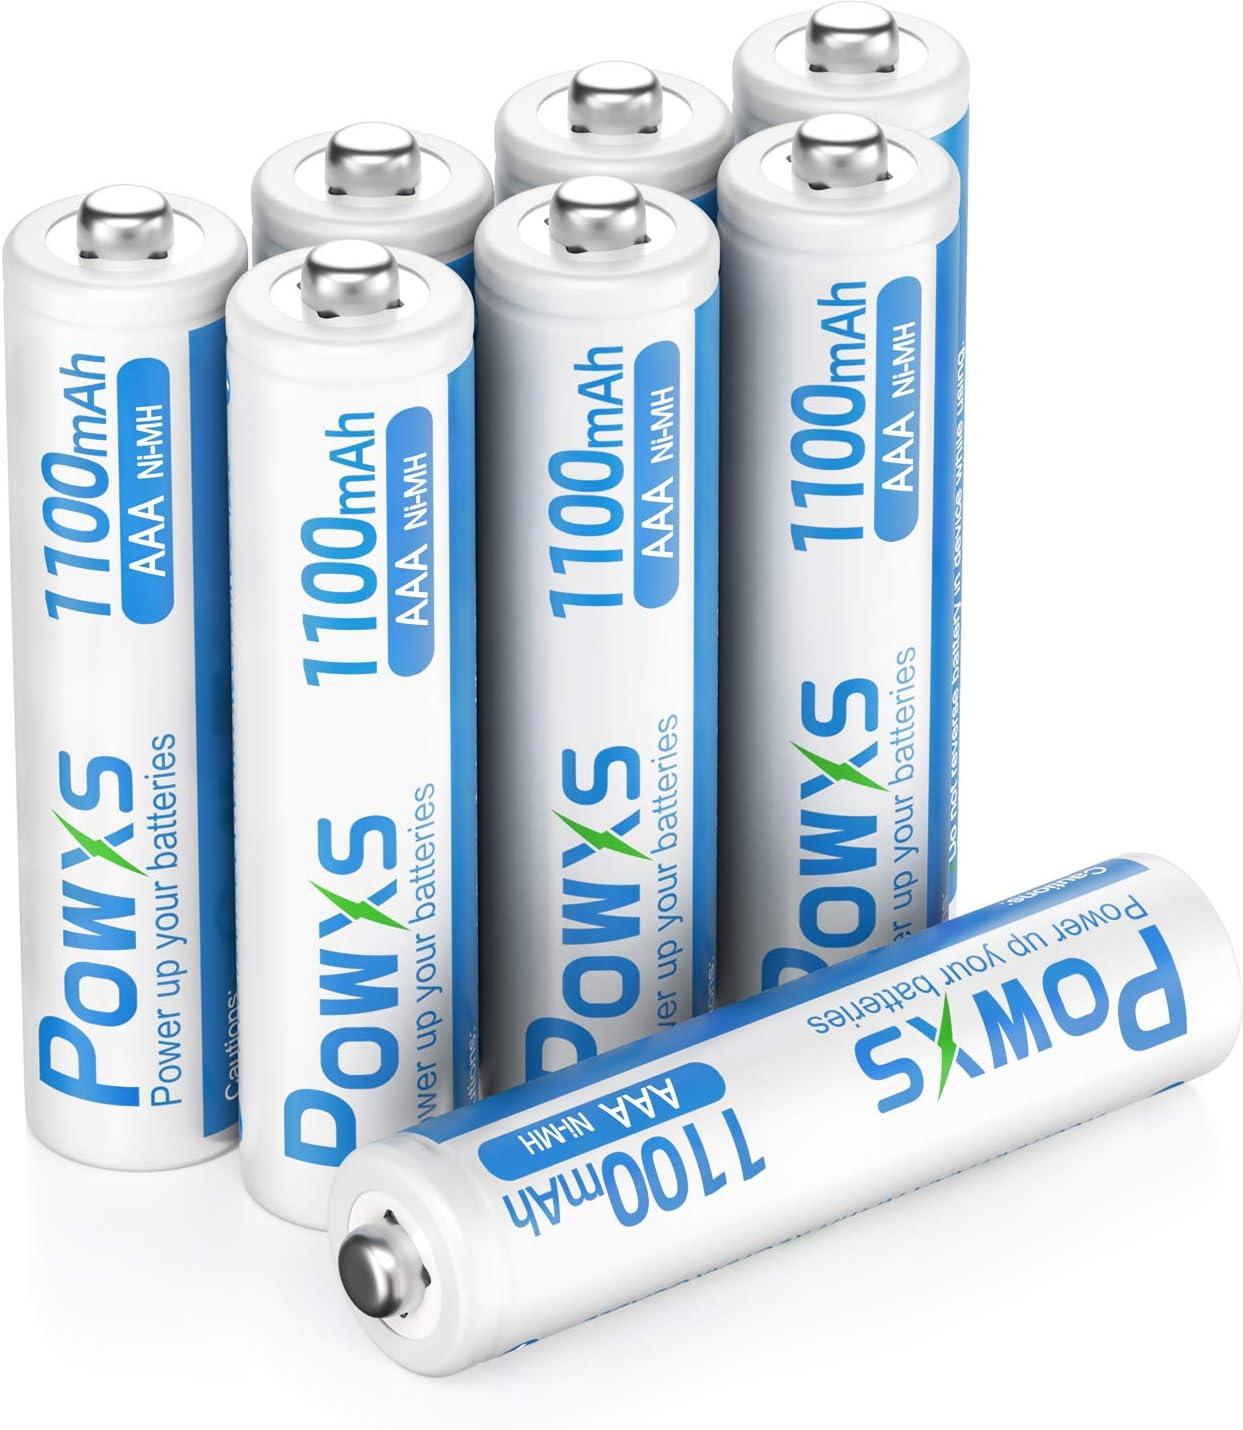 POWXS AAA Akku 800mAh 1200 Recyclingzeiten Vorgeladene 1.2V NiMH AAA Hochleistungsbatterien 8er Pack mit Aufbewahrungskiste wiederaufladbar ohne Memory Effekt sofort einsatzbereit